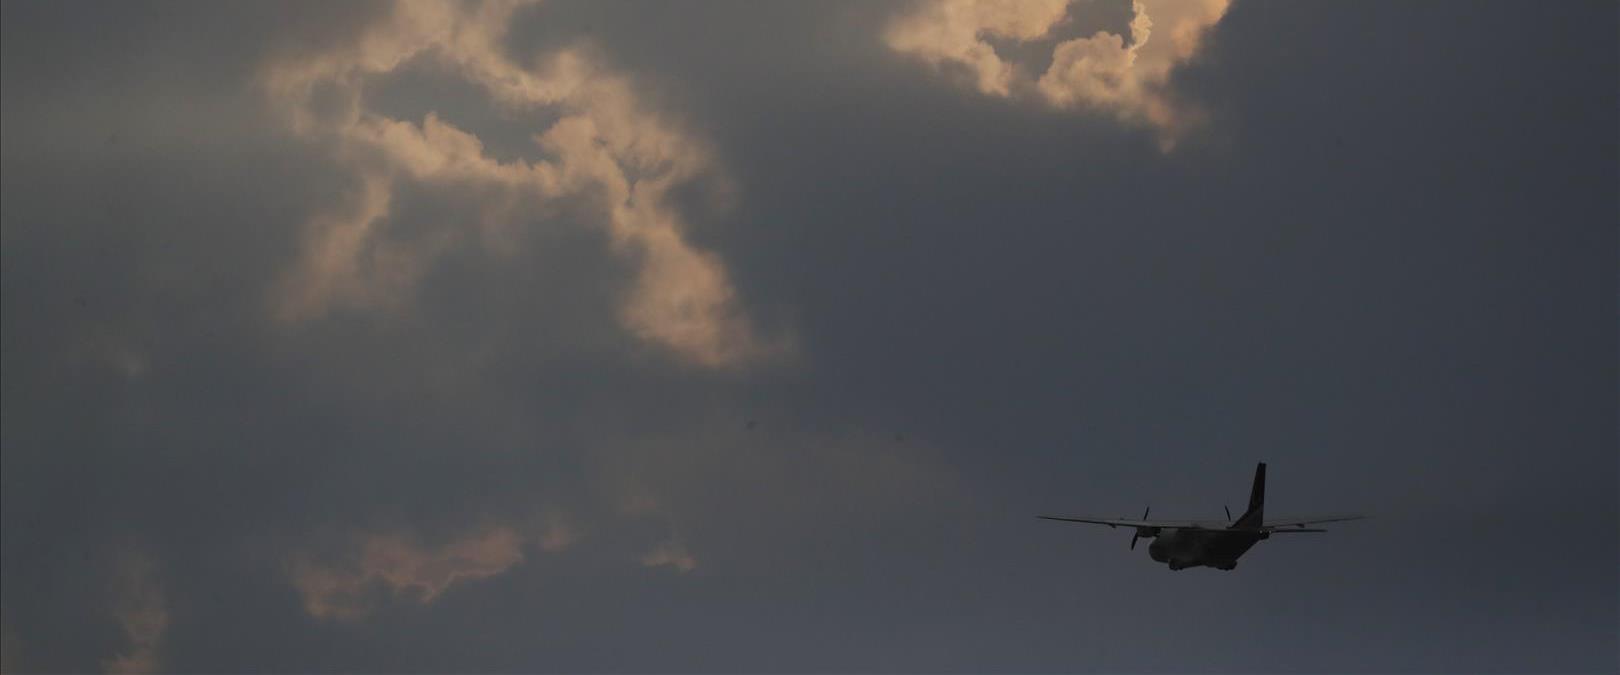 מטוס של חיל האוויר הטורקי, ארכיון